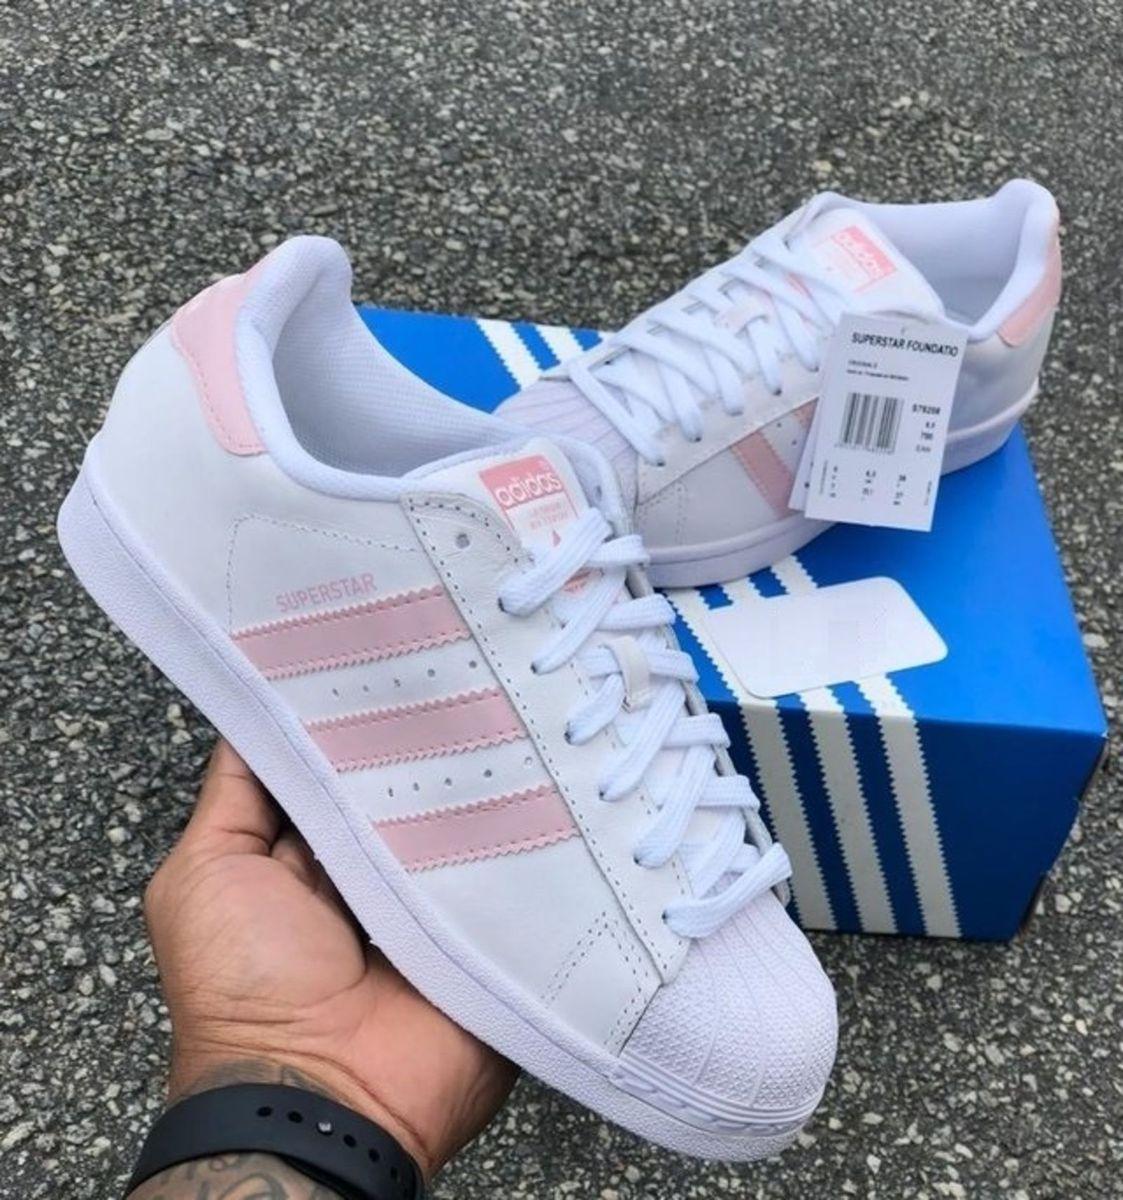 8a3a6b14cba adidias superstar - branco rosa - tênis adidas.  Czm6ly9wag90b3muzw5qb2vplmnvbs5ici9wcm9kdwn0cy8xmdq4nzy1ny9kyjjhyzg2owy1mja2zwqwmziwodjkmddhmjlhzwq4yi5qcgc  ...